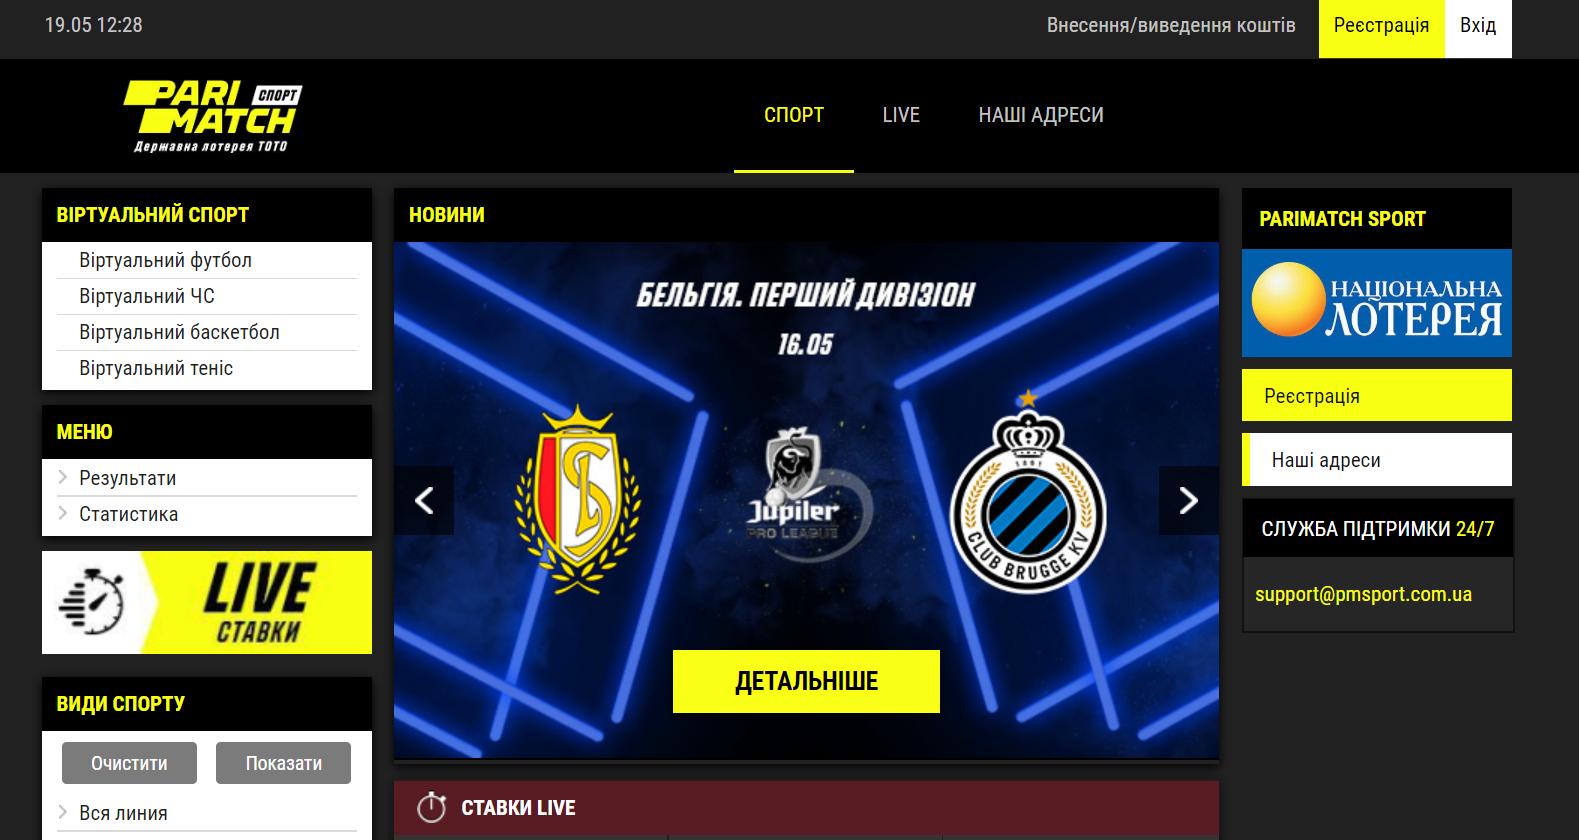 Не пропусти турнир по киберфутболу на Лига Париматч! Регистрация открыта!